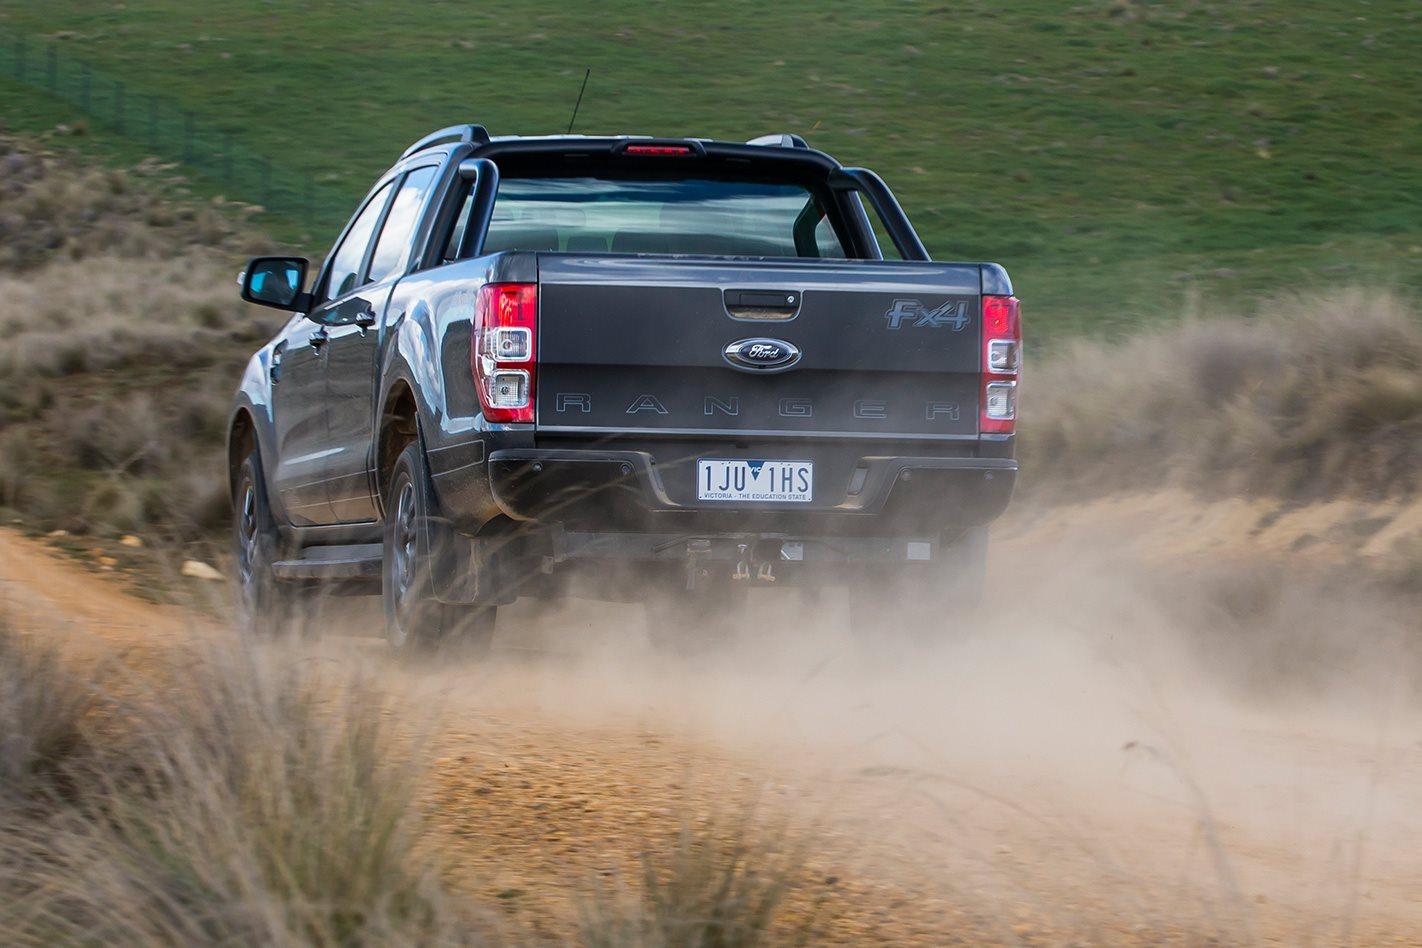 Ford Ranger FX4 rear